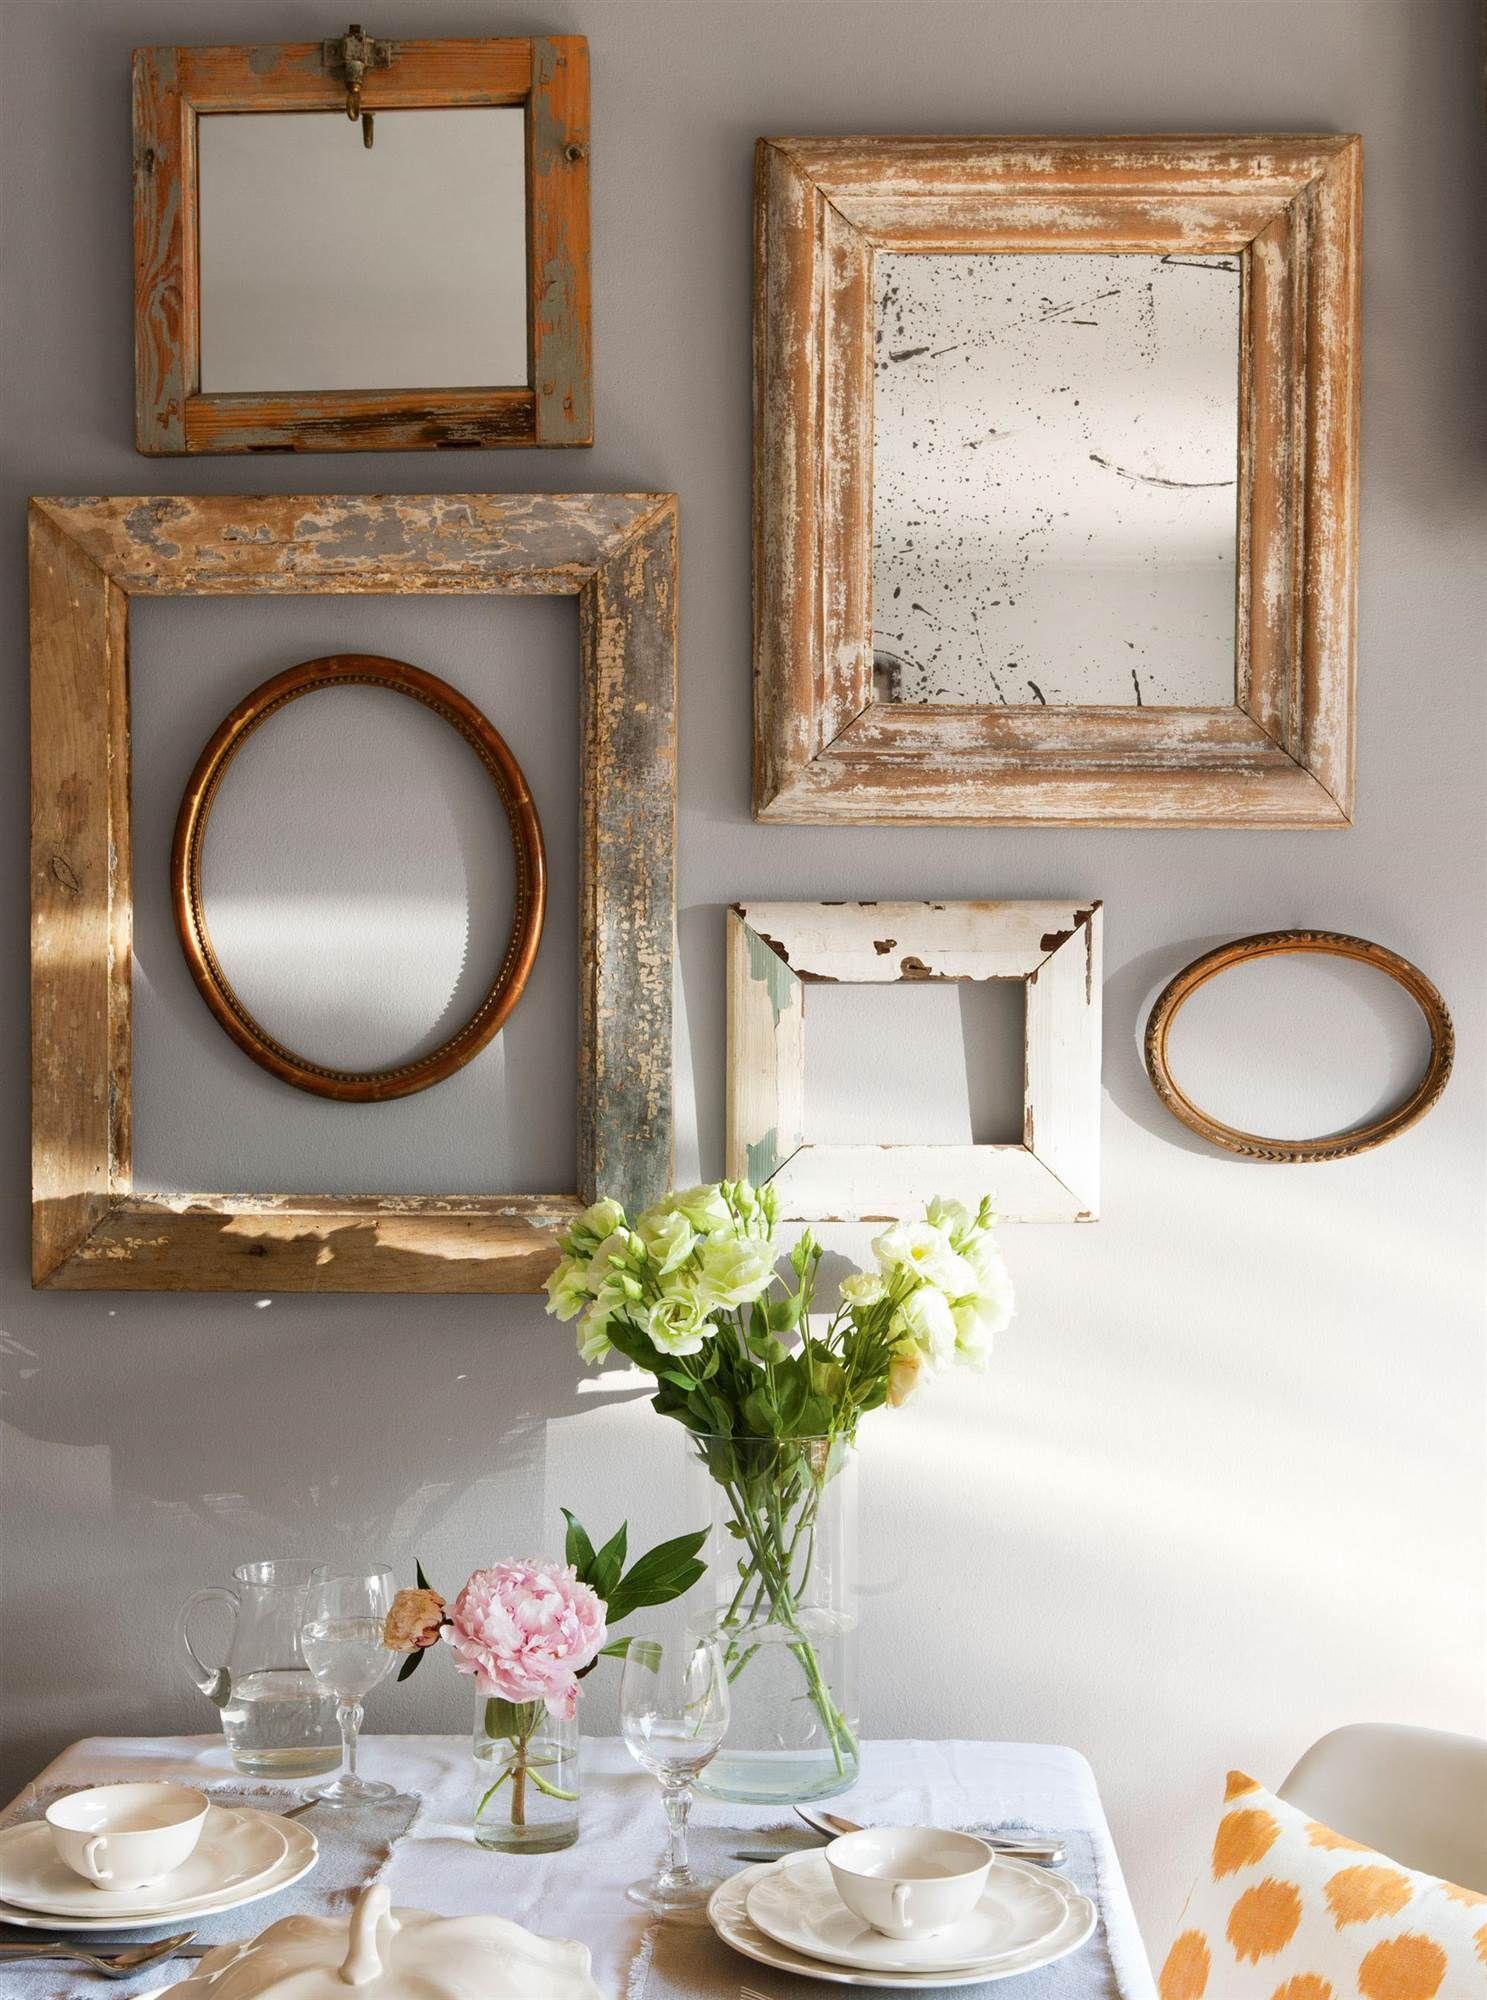 composicion de espejos y marcos de madera sobre pared_00411818 ...